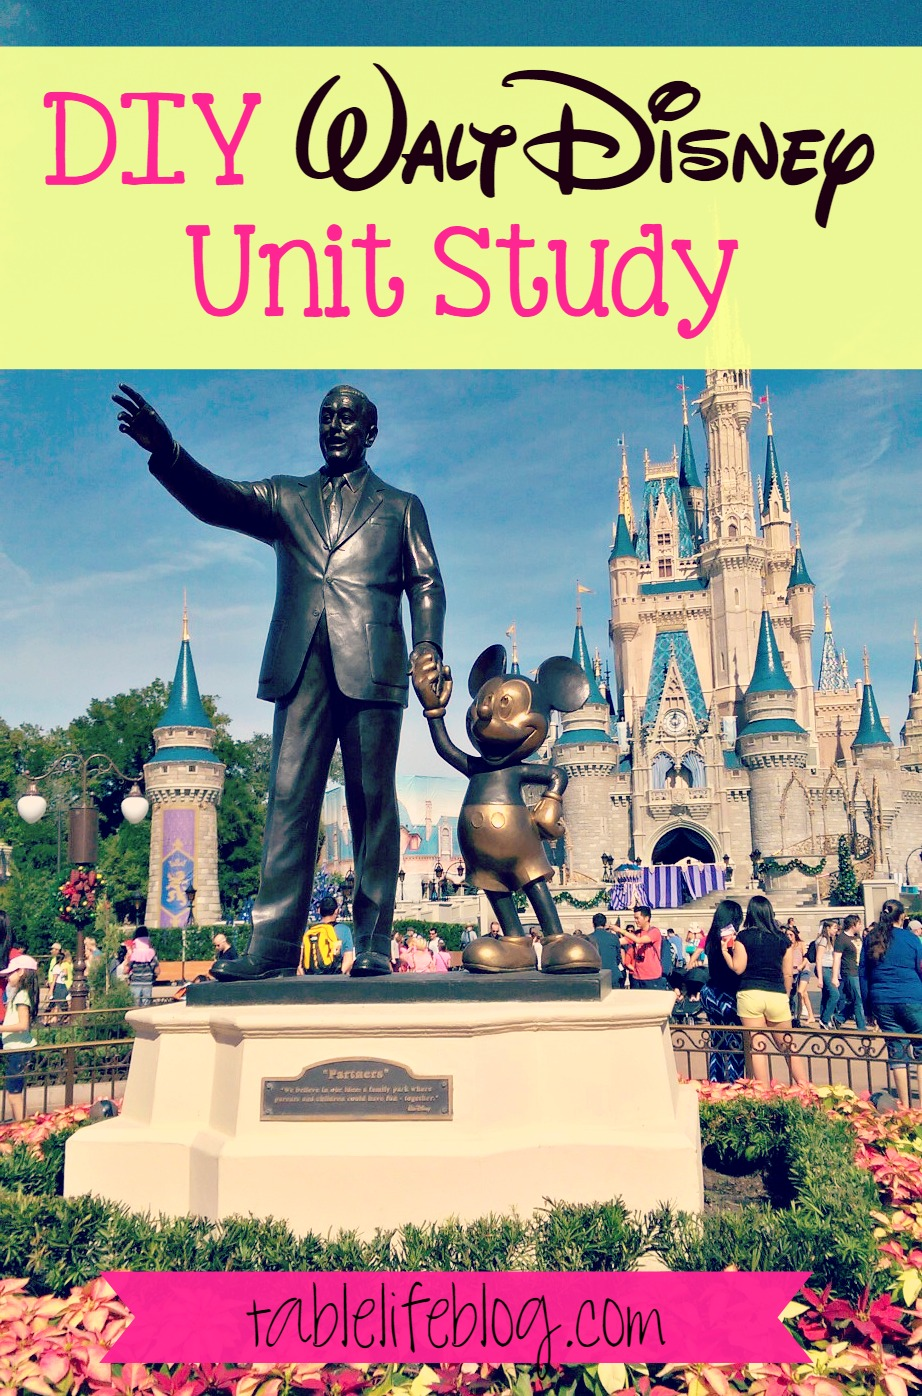 DIY Walt Disney Unit Study